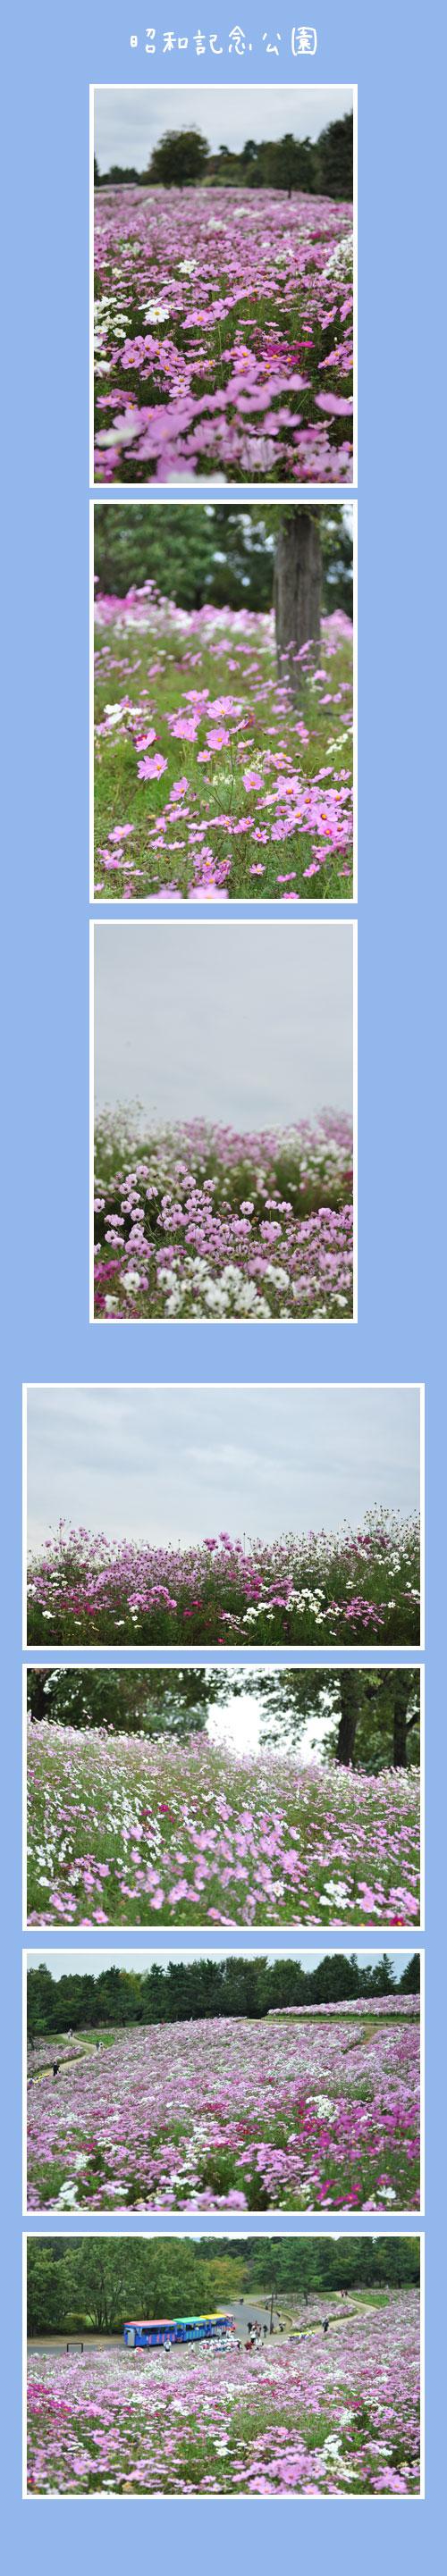 10月22日昭和記念公園1